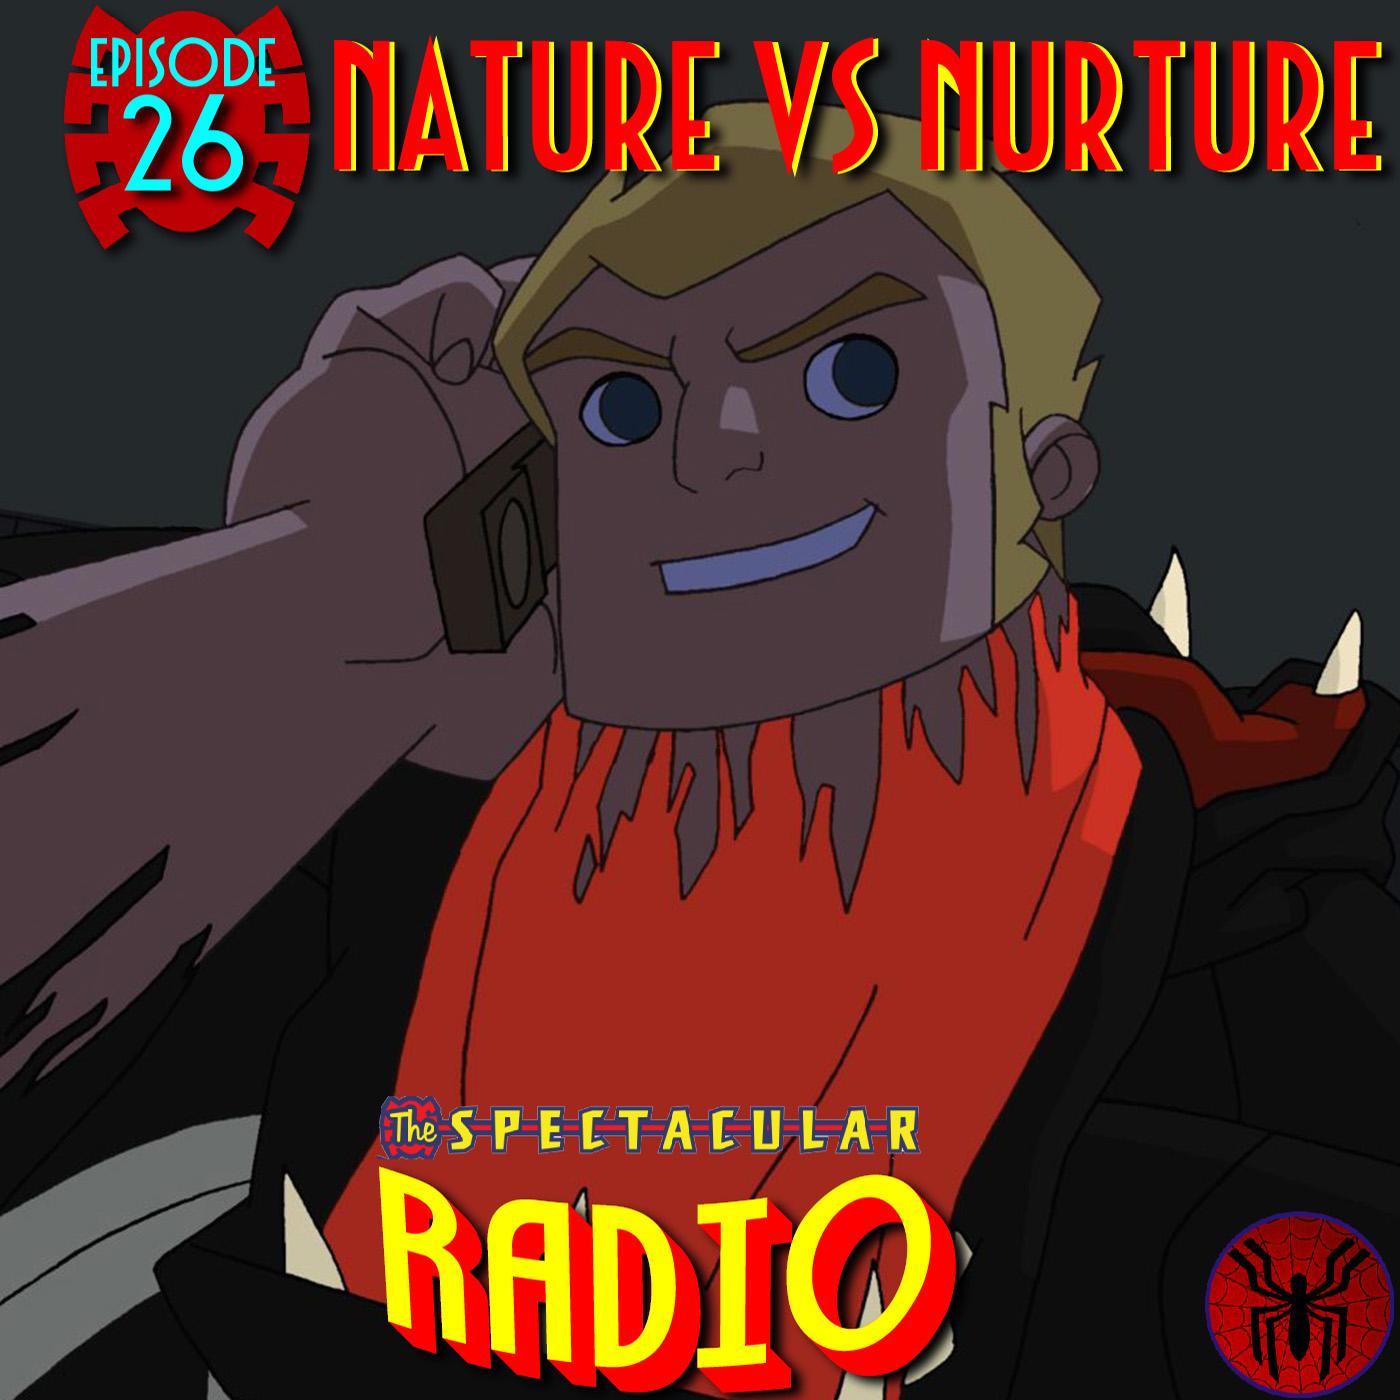 """Spectacular Radio Episode 26: """"Nature vs Nurture"""" Fan Panel"""